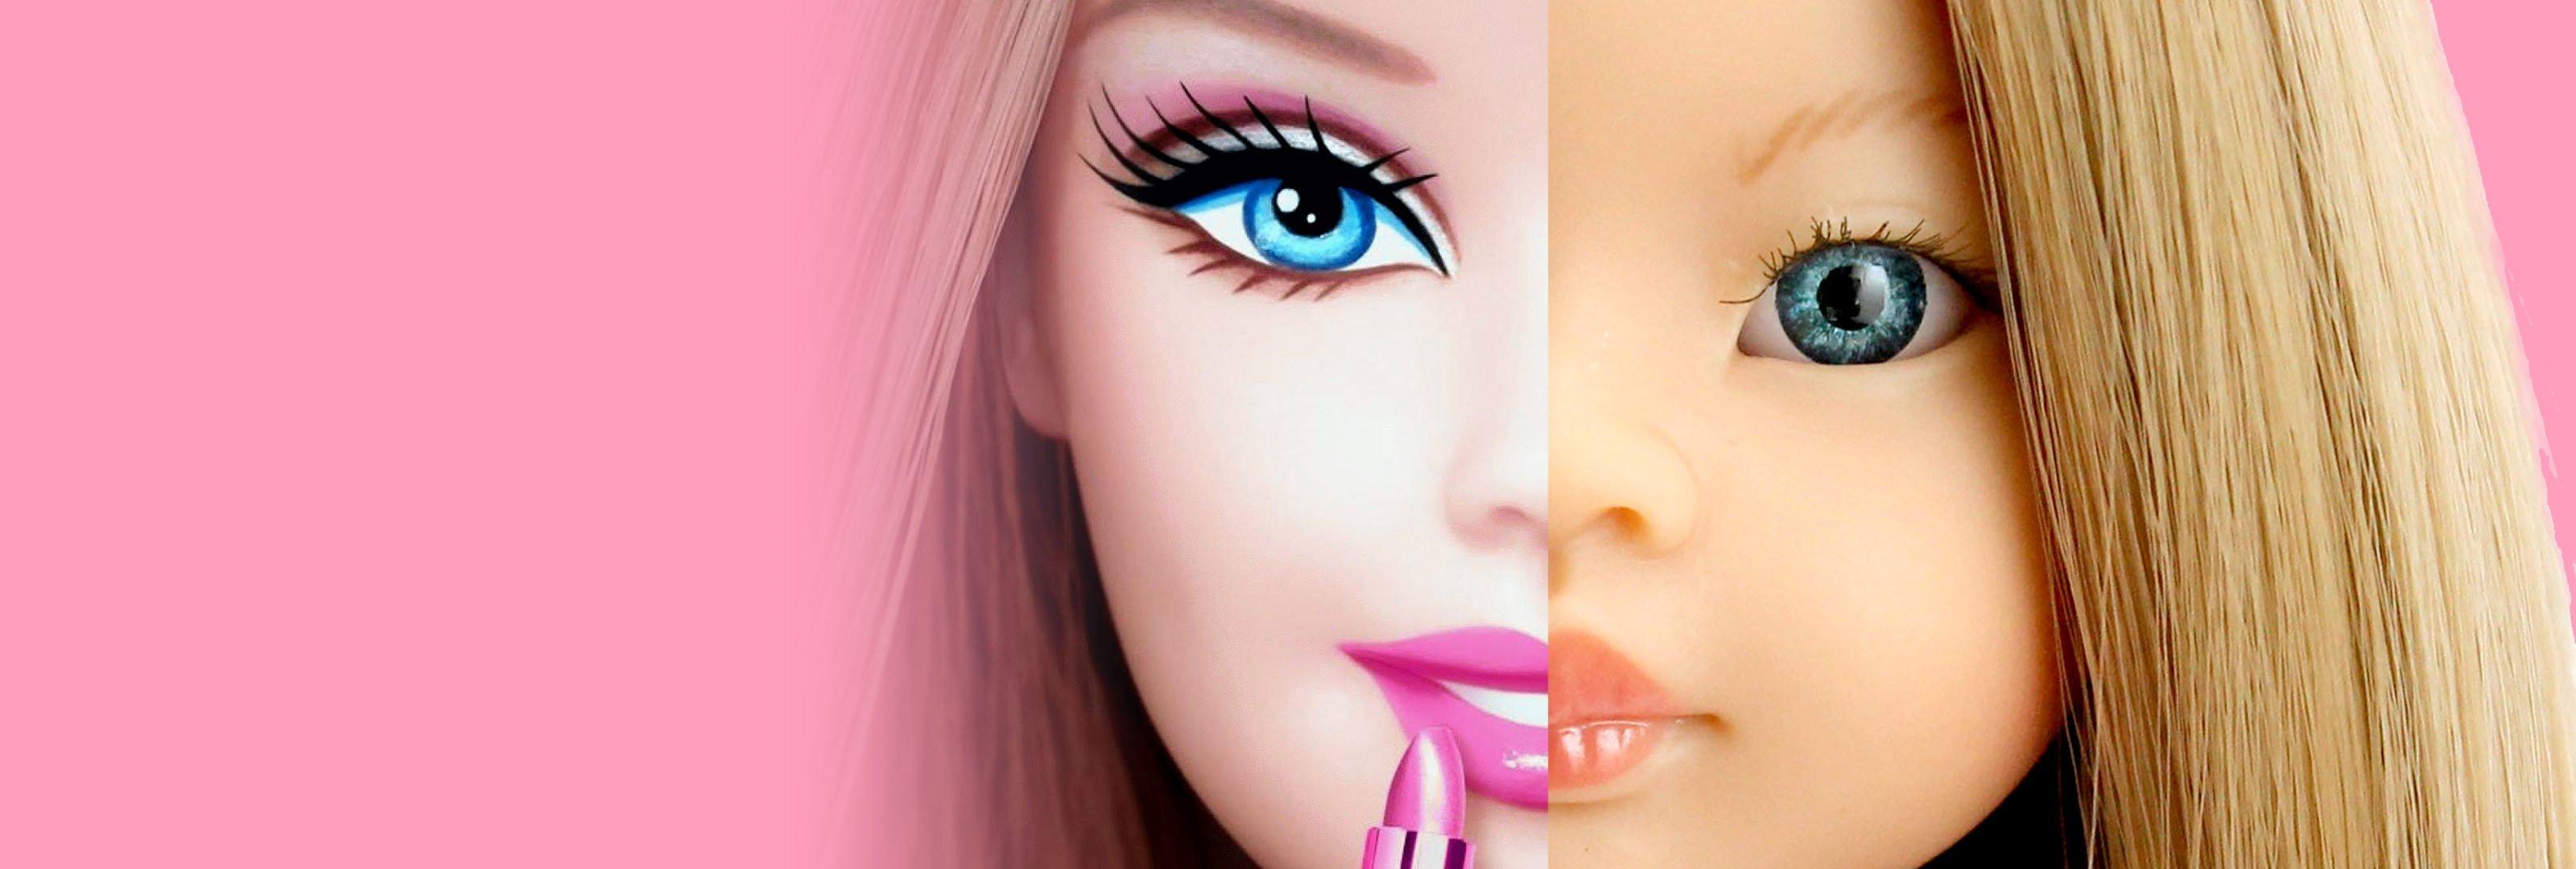 Las Muñecas¿calidad Cantidad— amp;dolls Mejores O Blog Dolls 4jR5A3Lq